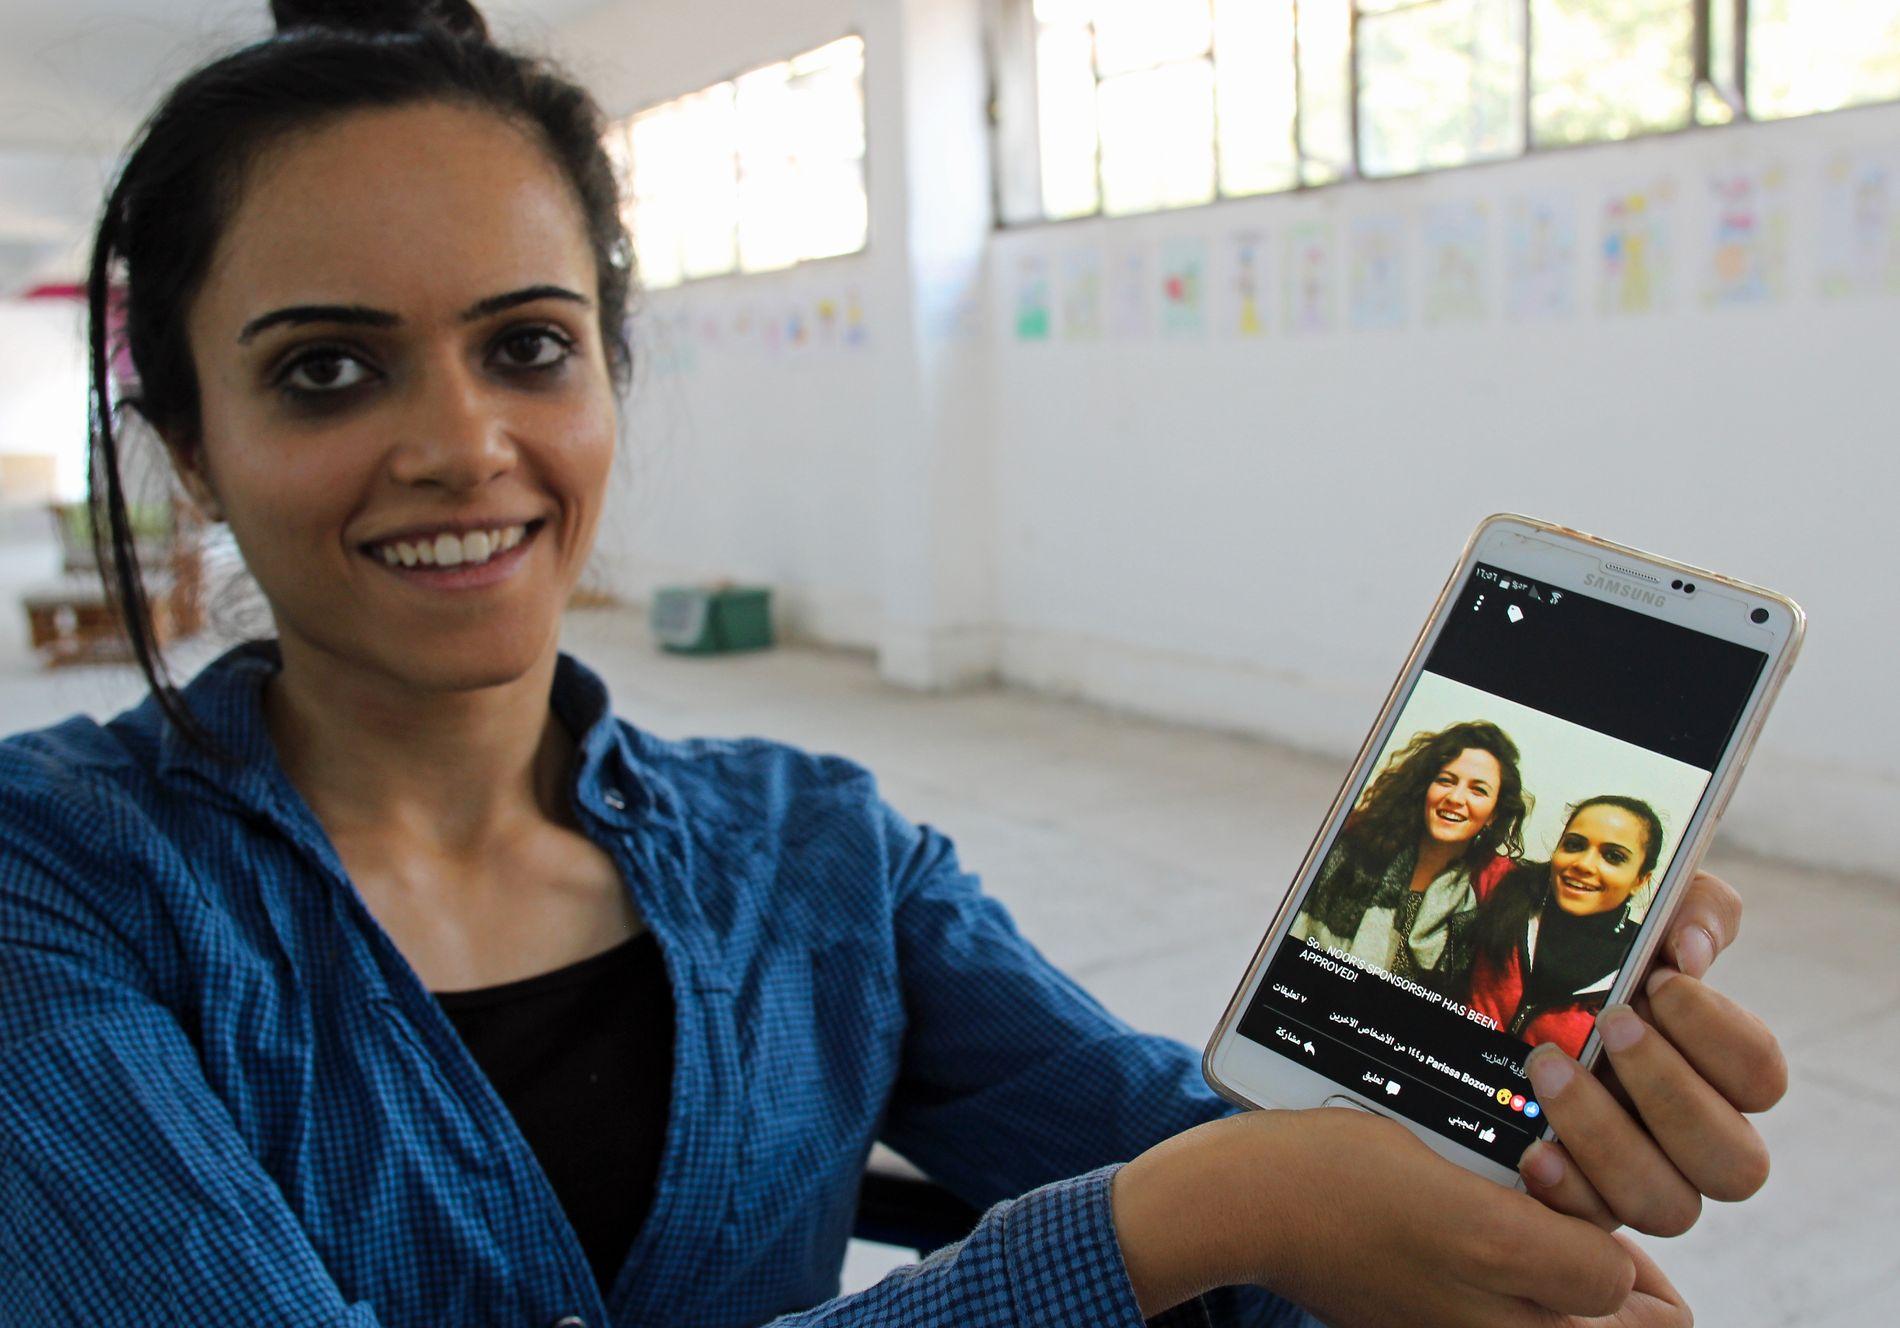 NYTT HÅP: Noor viser frem et bilde av henne og kanadiske Zoe Caddell, som jobbet frivillig blant syriske flyktninger, og nå vil hjelpe Noor til Canada.